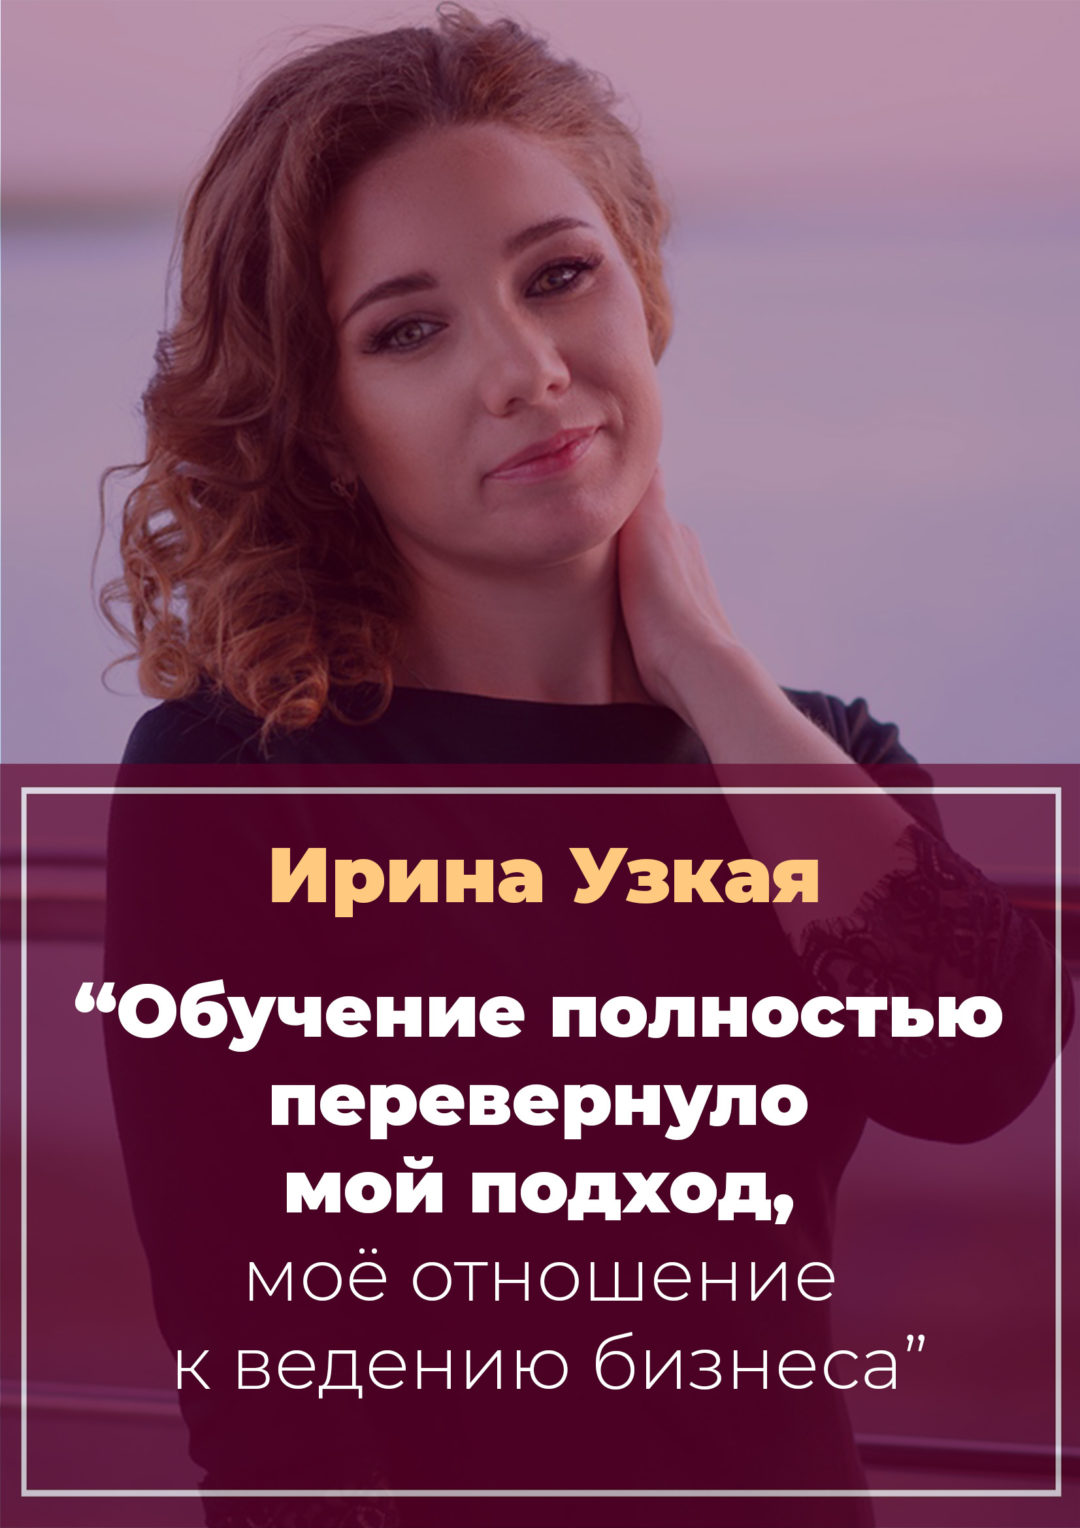 История Ирины Узкой